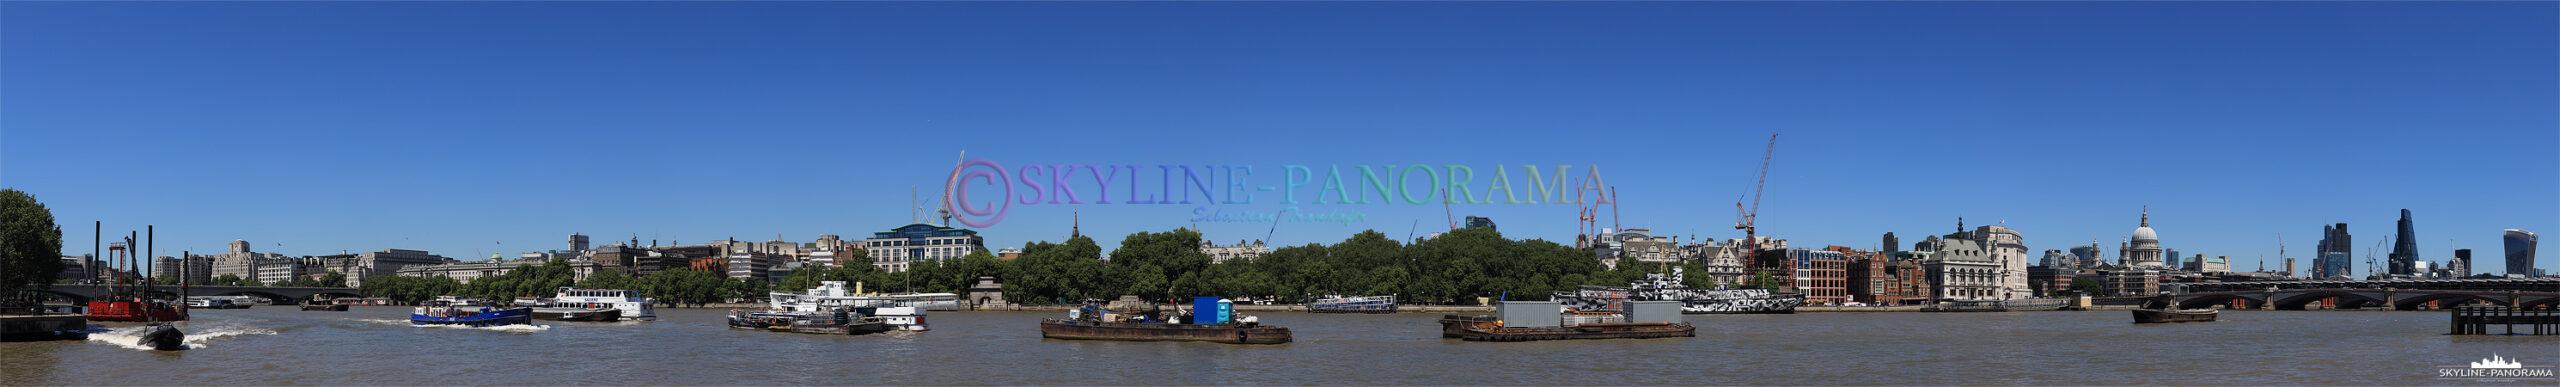 London Bilder - Das Themsepanorama vom südlichen Ufer aus zwischen Waterloo Bridge und Blackfriars Bridge.